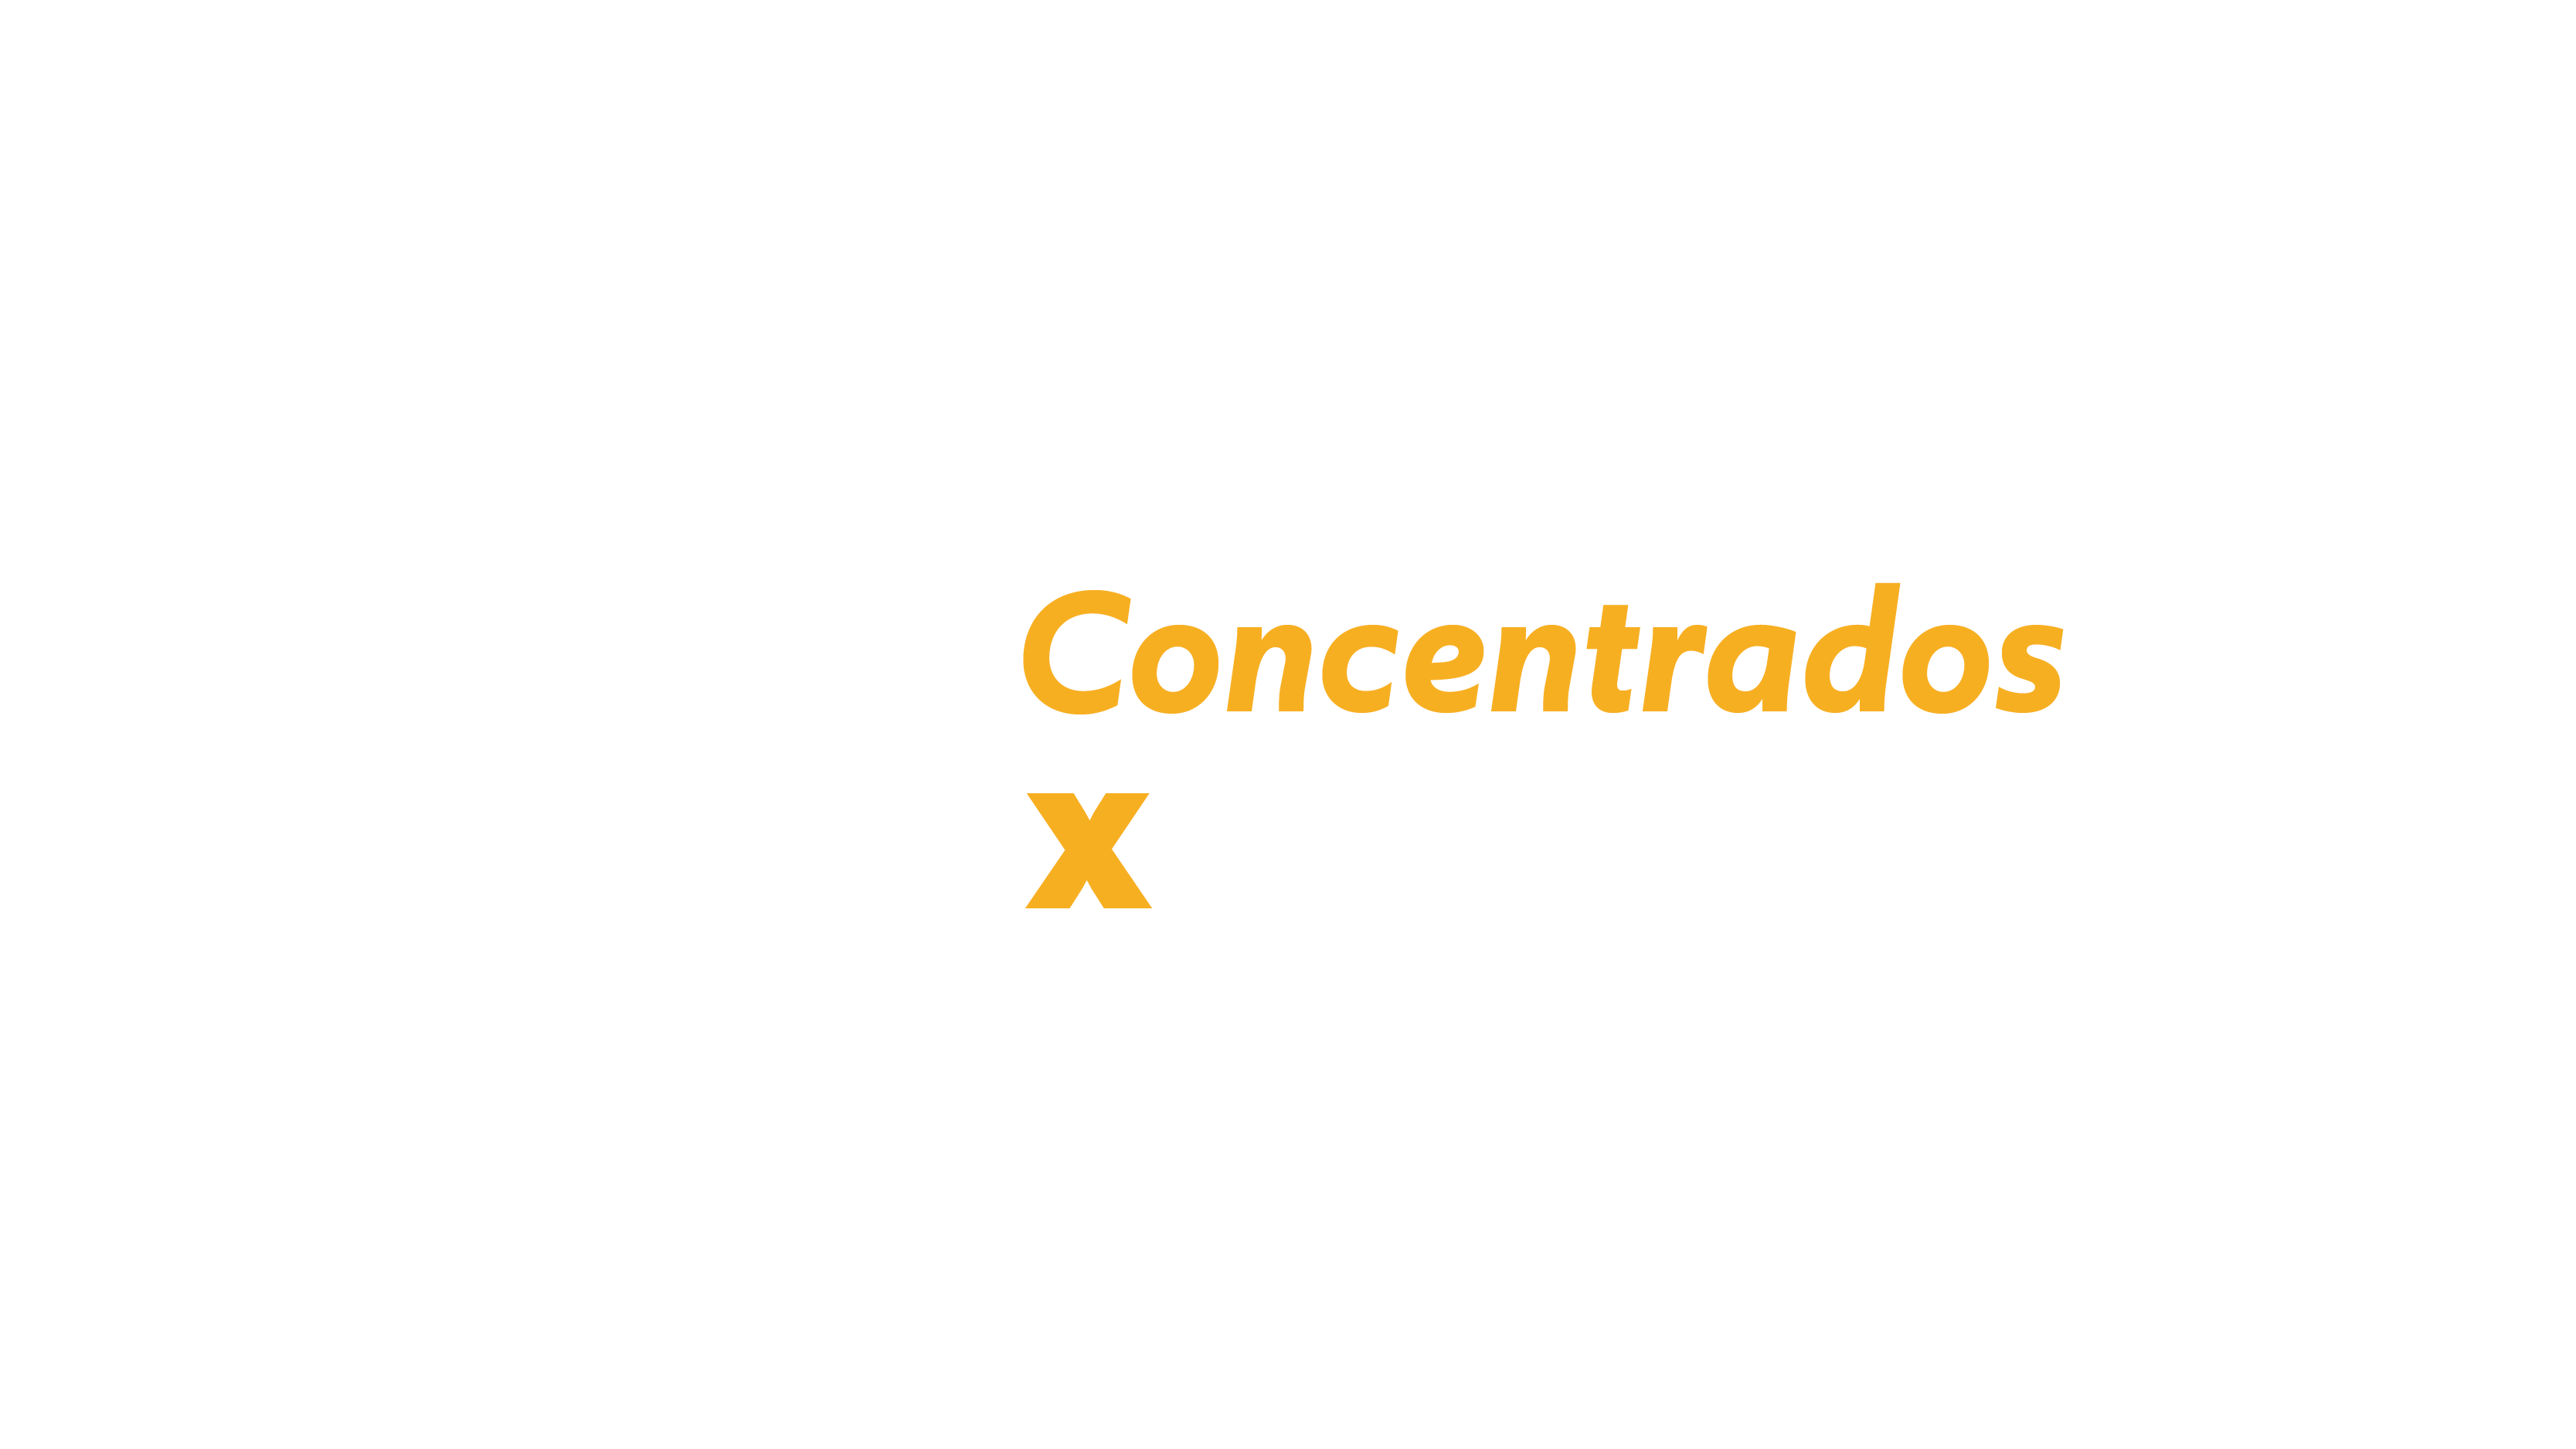 Web_2 Concentrados